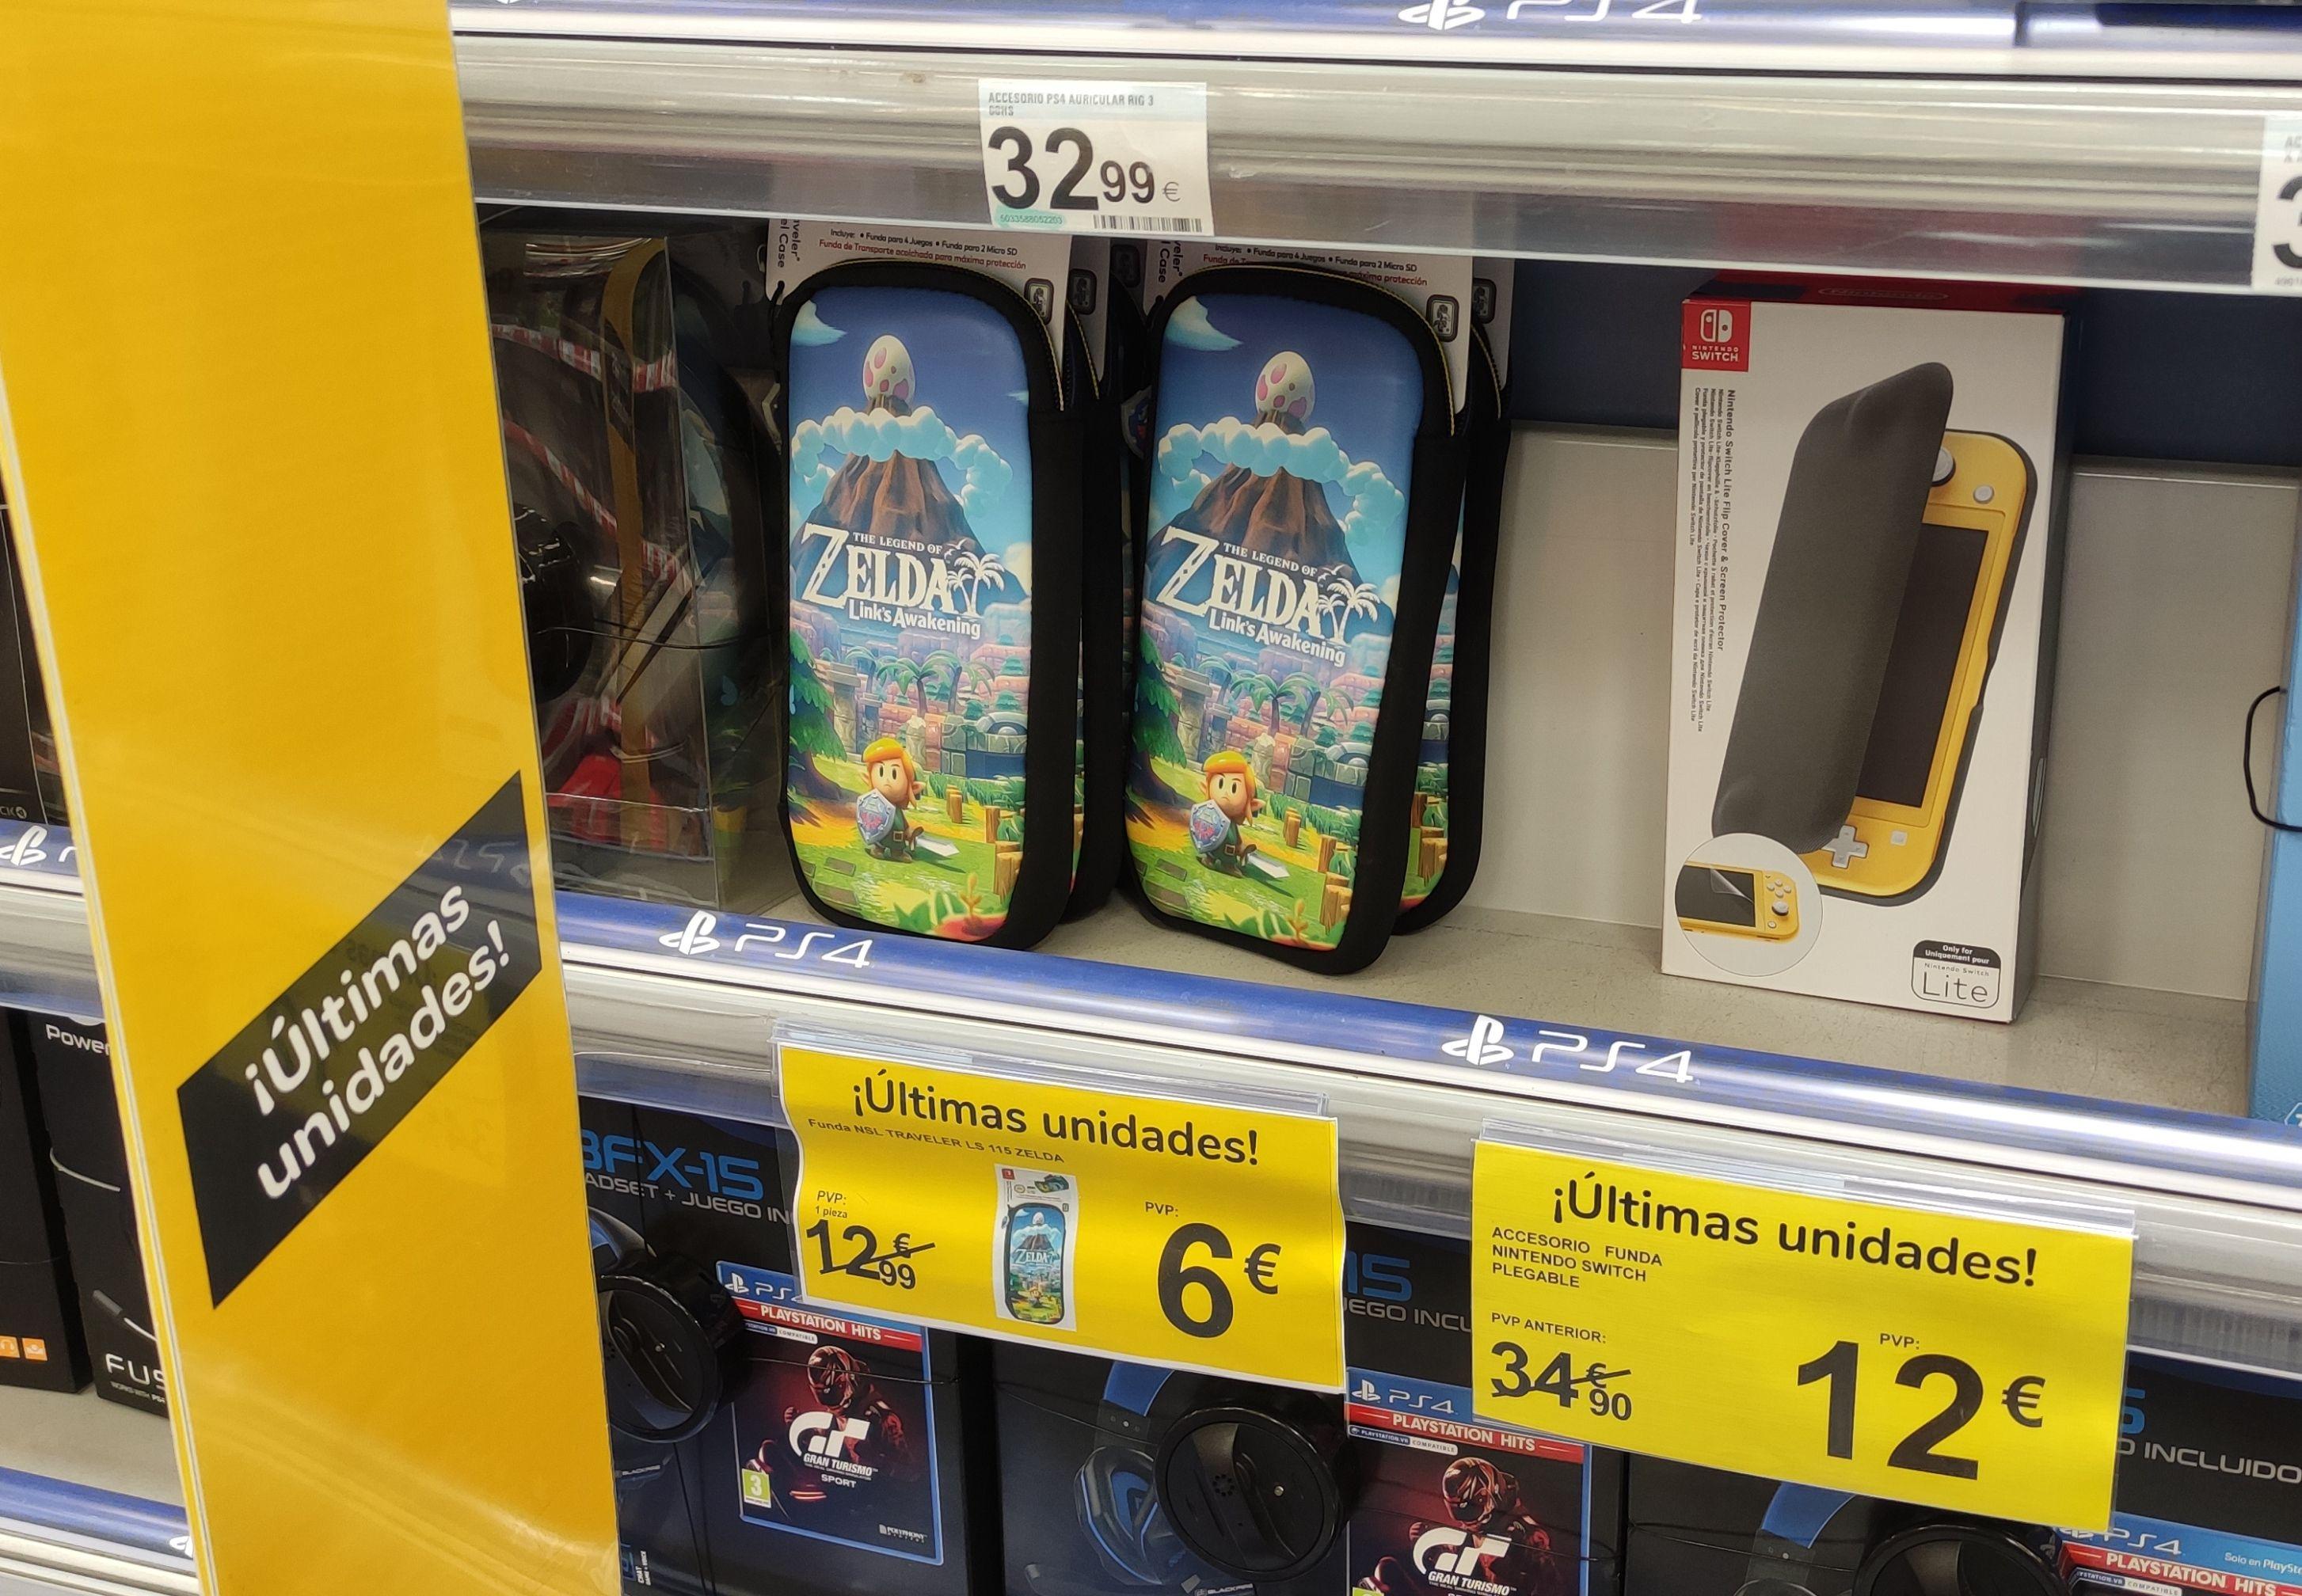 Funda Nintendo Switch Zelda por 6 € (Carrefour Burgos)